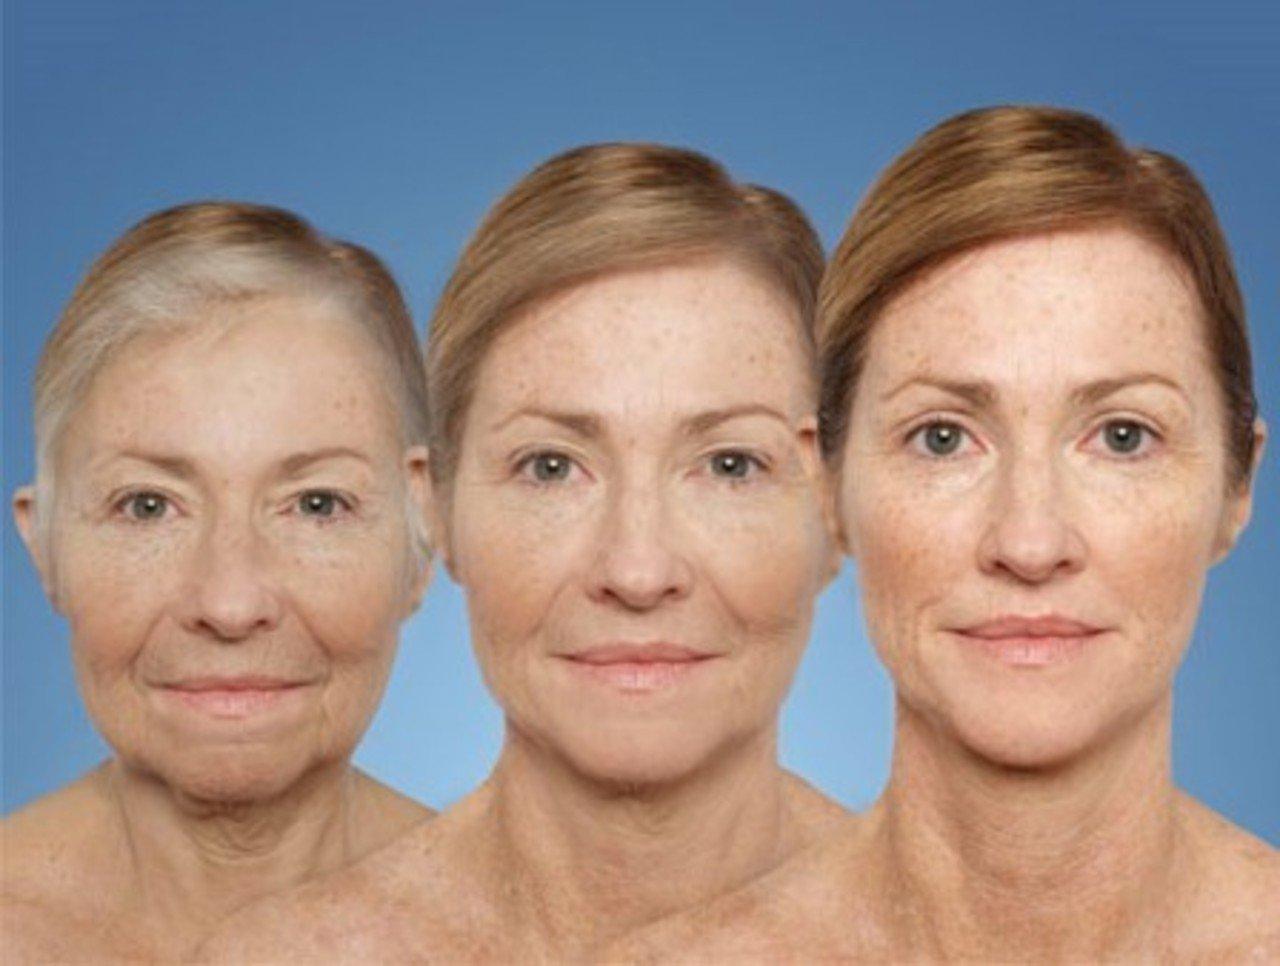 встаете фото возрастных изменений лица по возрастам нужна белая или